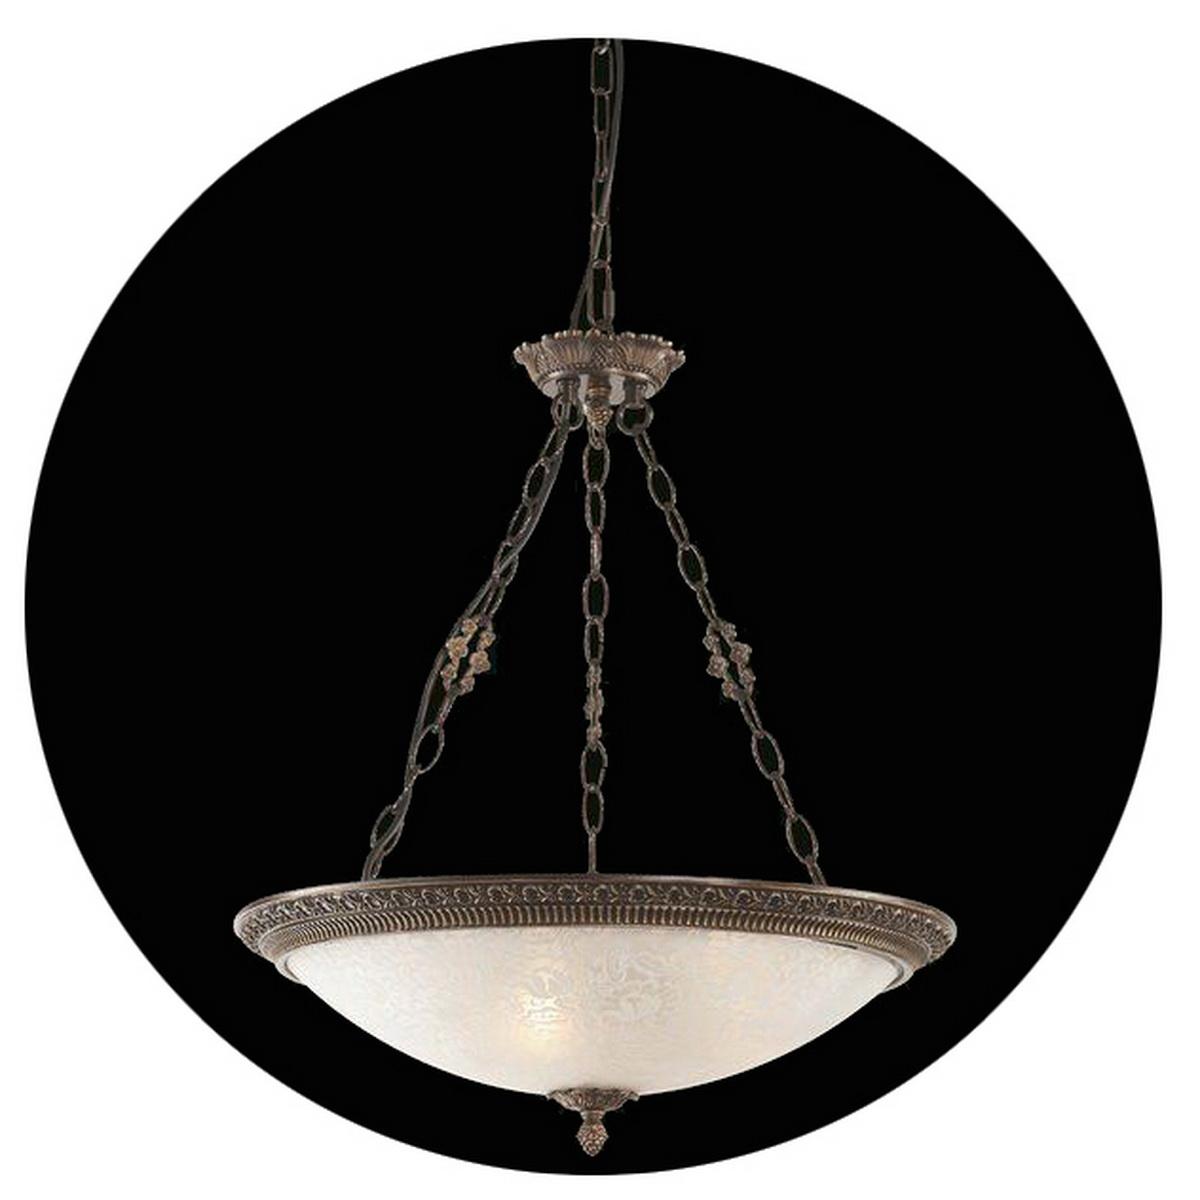 Светильник подвесной MaytoniСветильники подвесные<br>Количество ламп: 4,<br>Мощность: 40,<br>Назначение светильника: для гостиной,<br>Стиль светильника: классика,<br>Материал светильника: металл, стекло,<br>Диаметр: 370,<br>Высота: 470,<br>Тип лампы: накаливания,<br>Патрон: Е14,<br>Цвет арматуры: бронза<br>